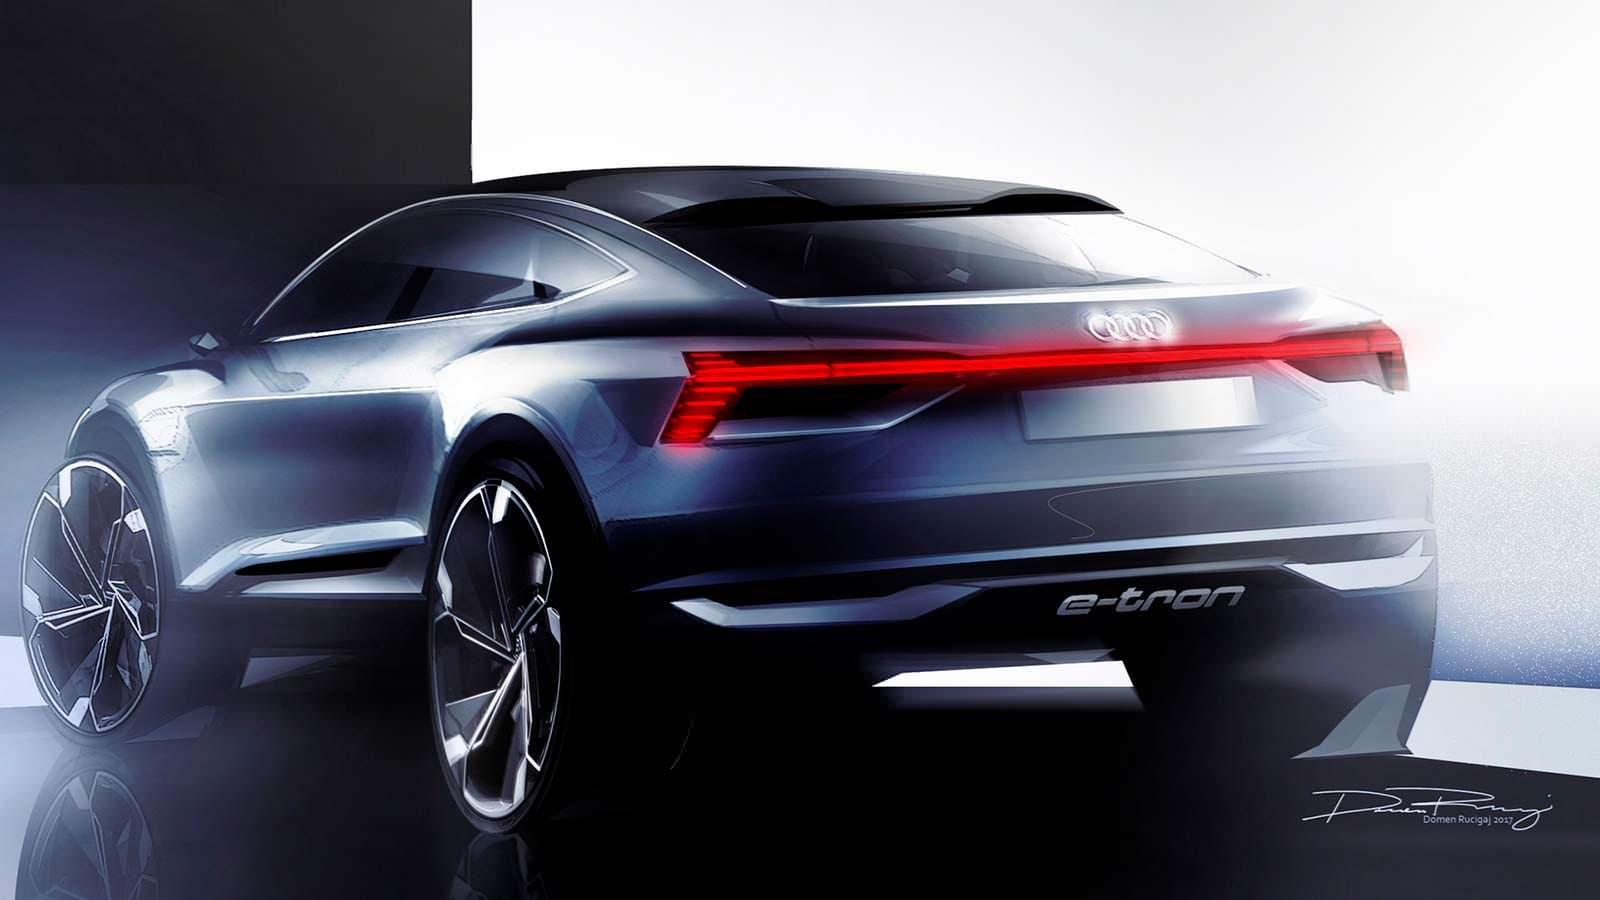 Audi готовит премьеру концепта кроссовера E-Tron Sportback вШанхае